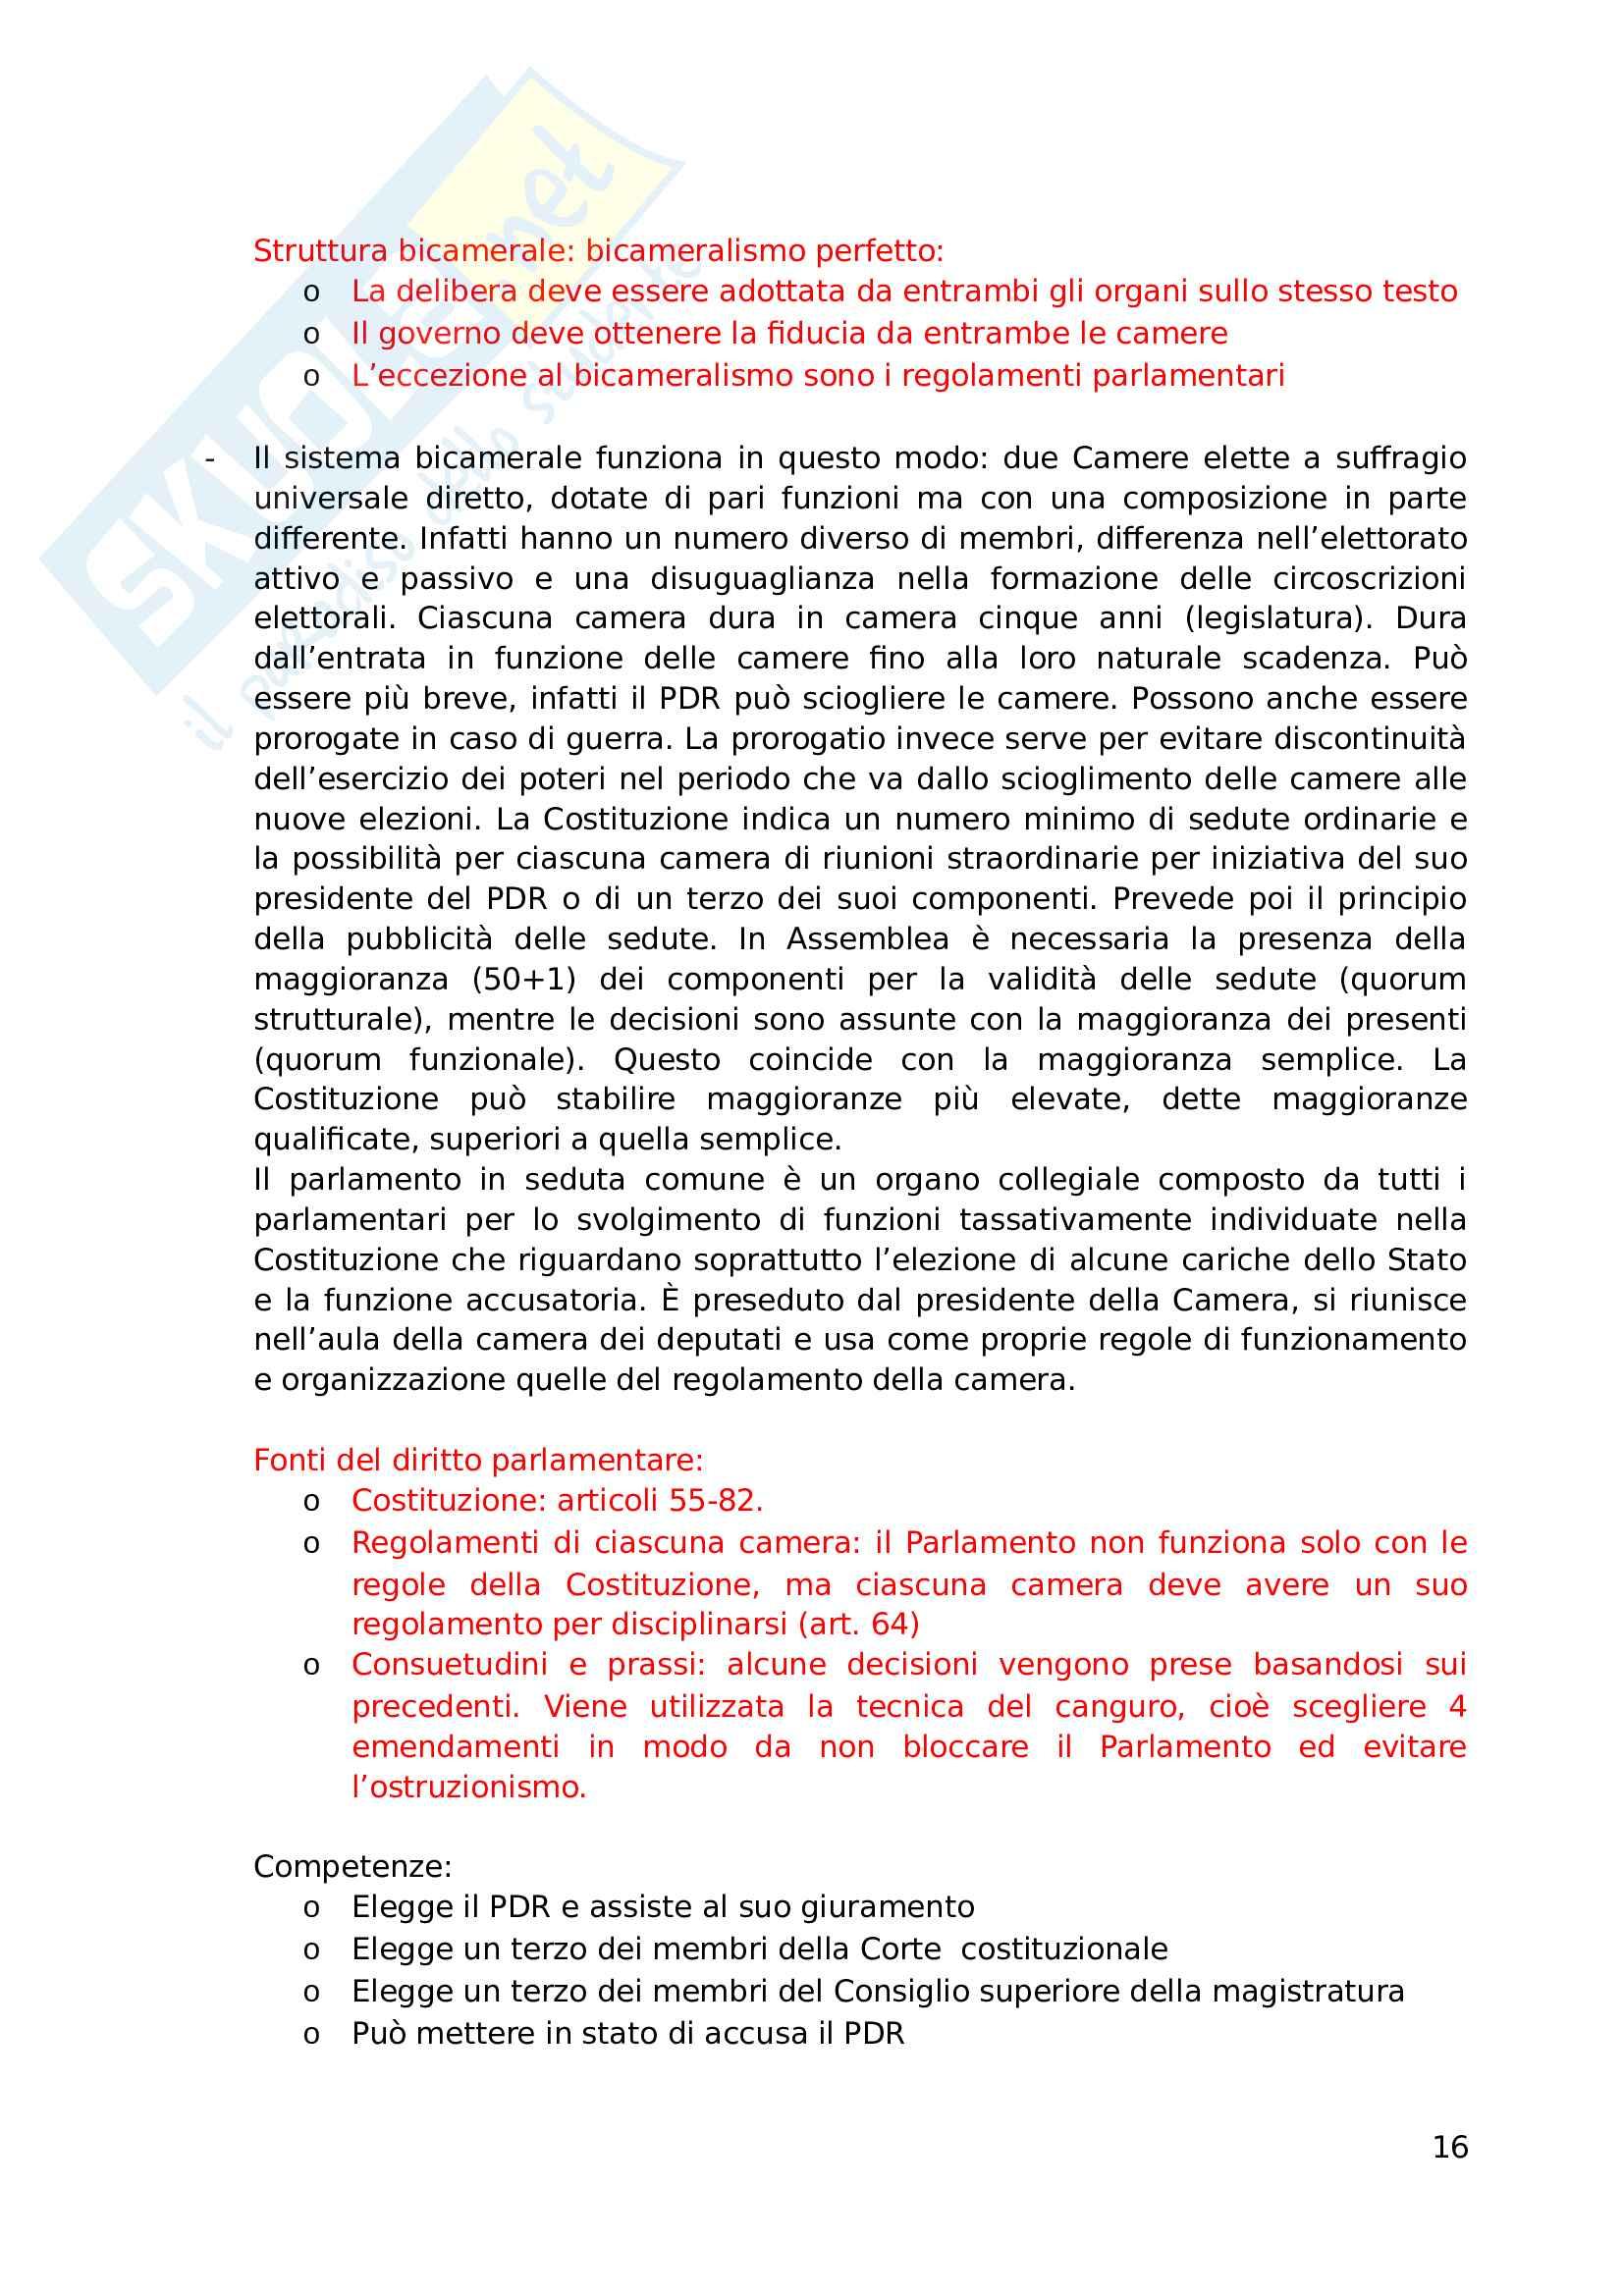 """Riassunto esame, Prof. Andrea Simoncini, libro consigliato """"Introduzione allo studio del diritto pubblico e delle sue fonti"""" Pag. 16"""